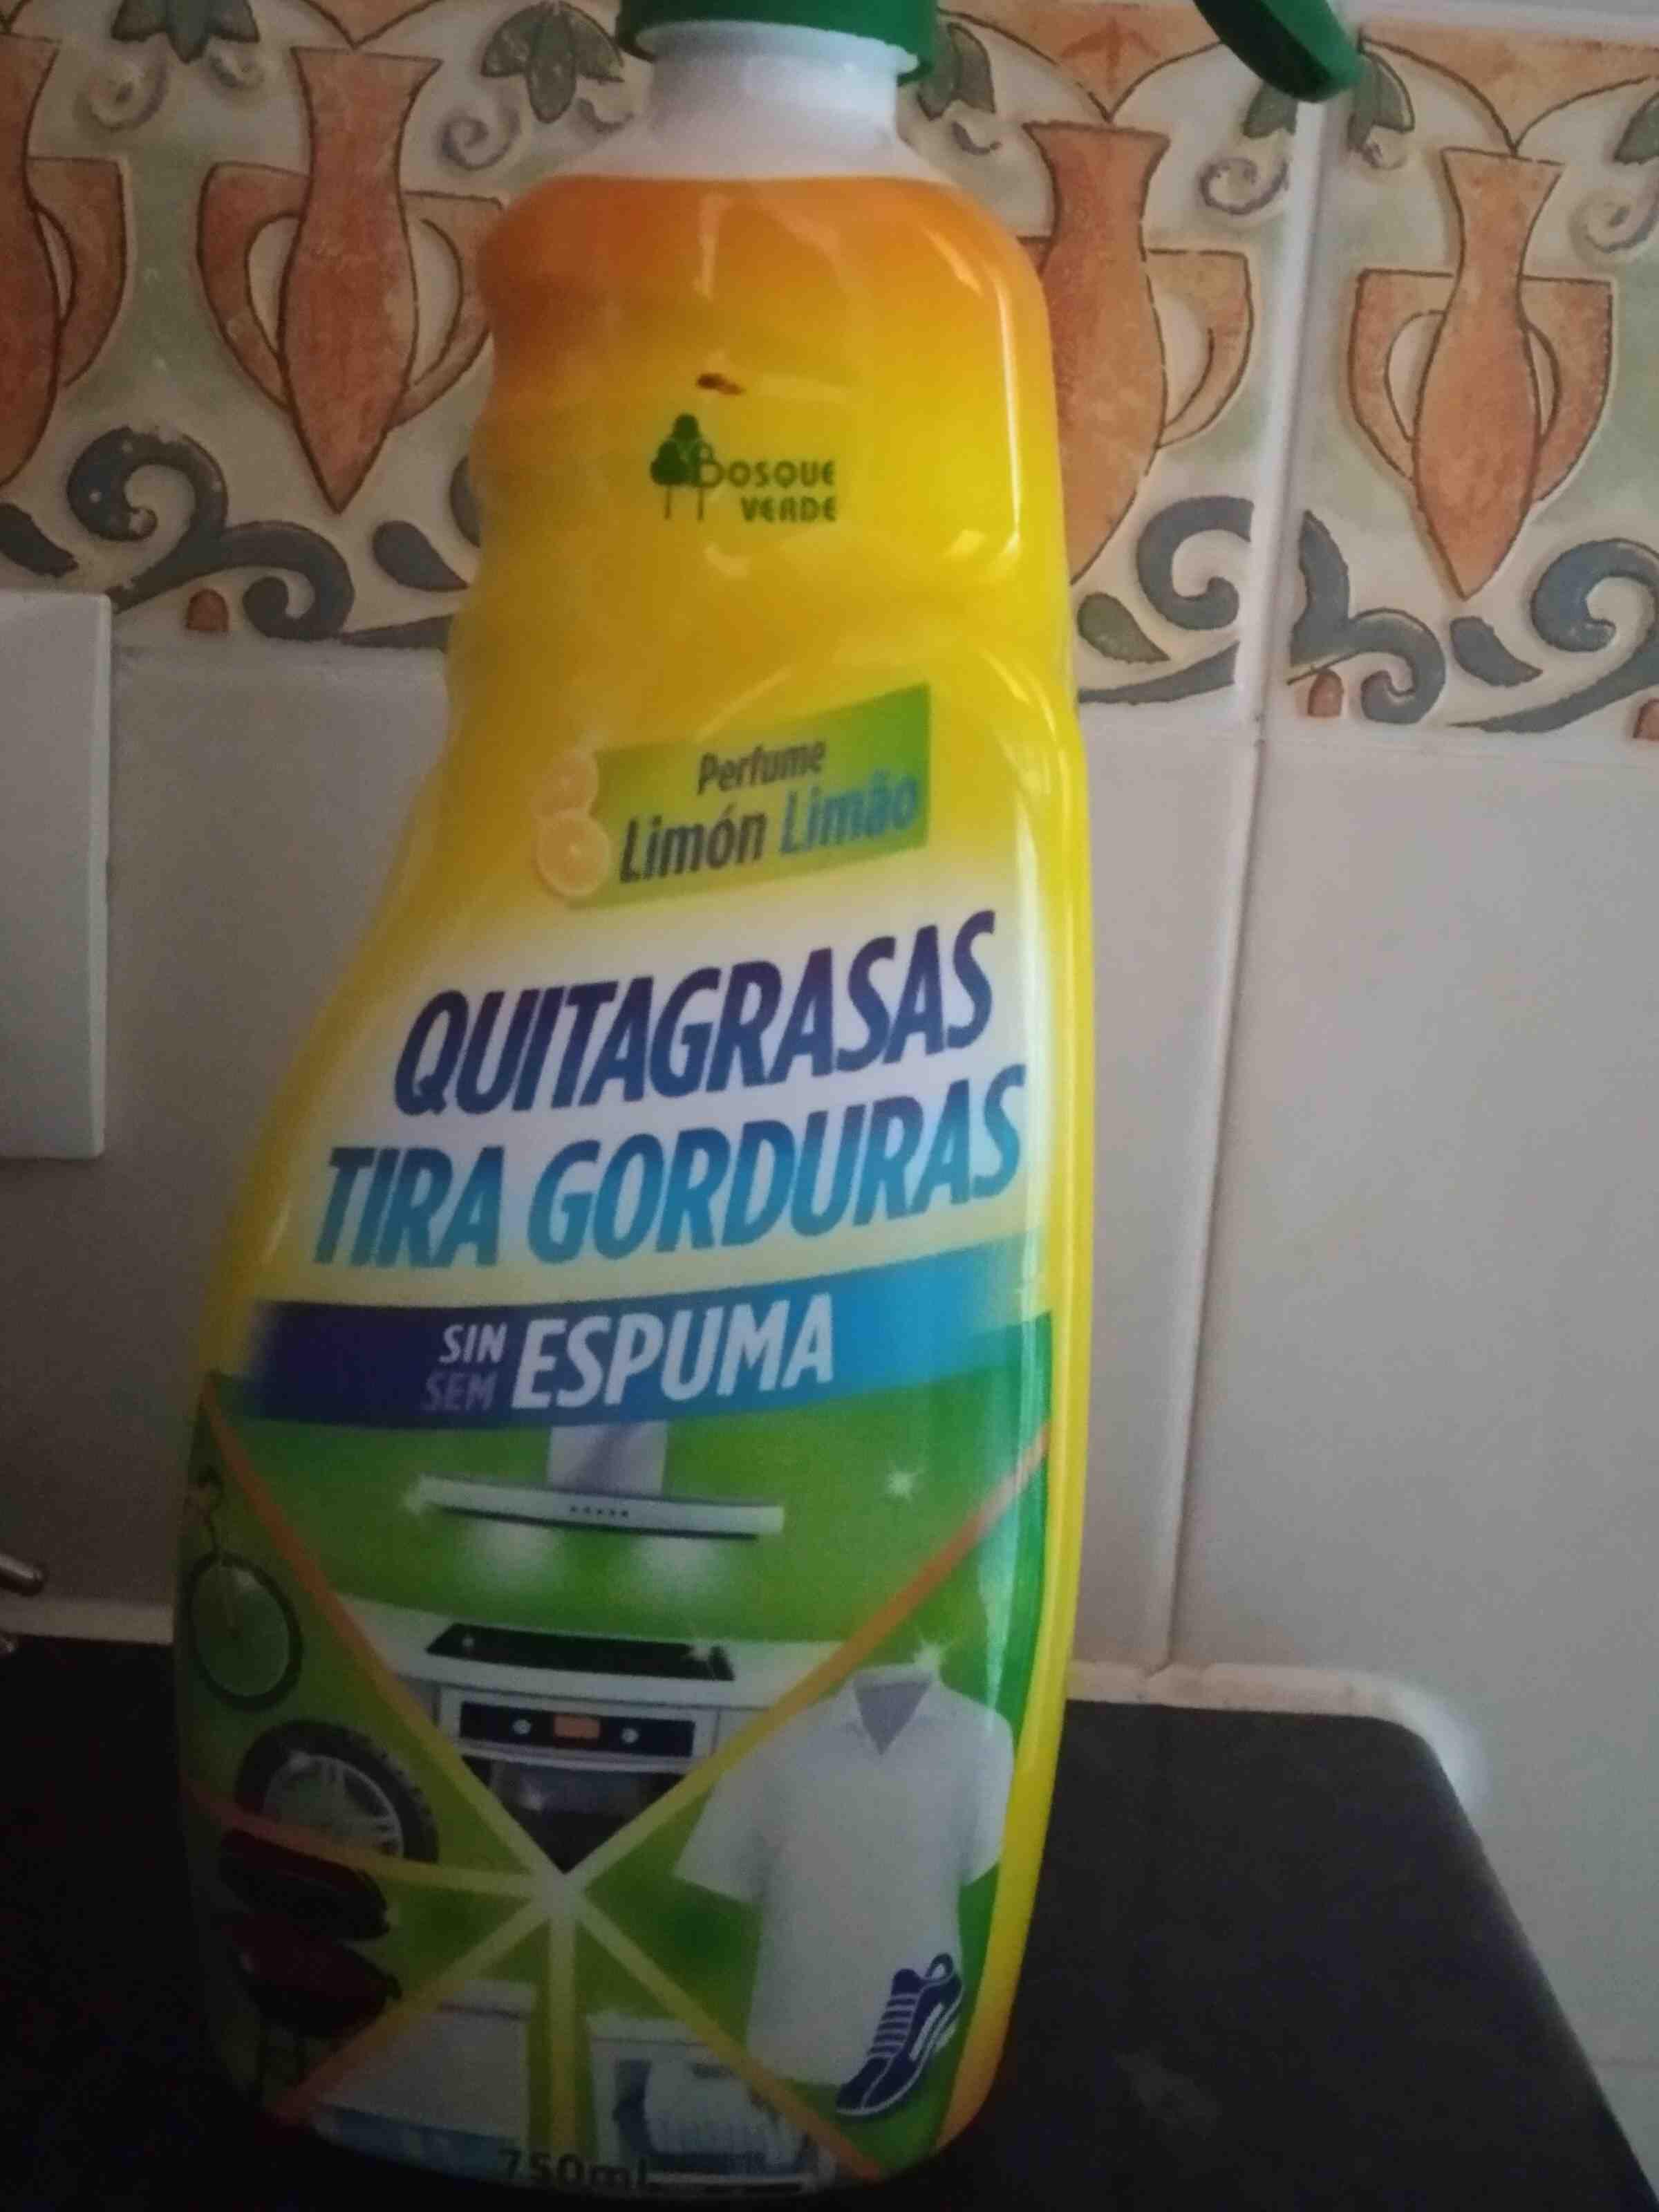 Quitagrasas sin espuma - Product - en